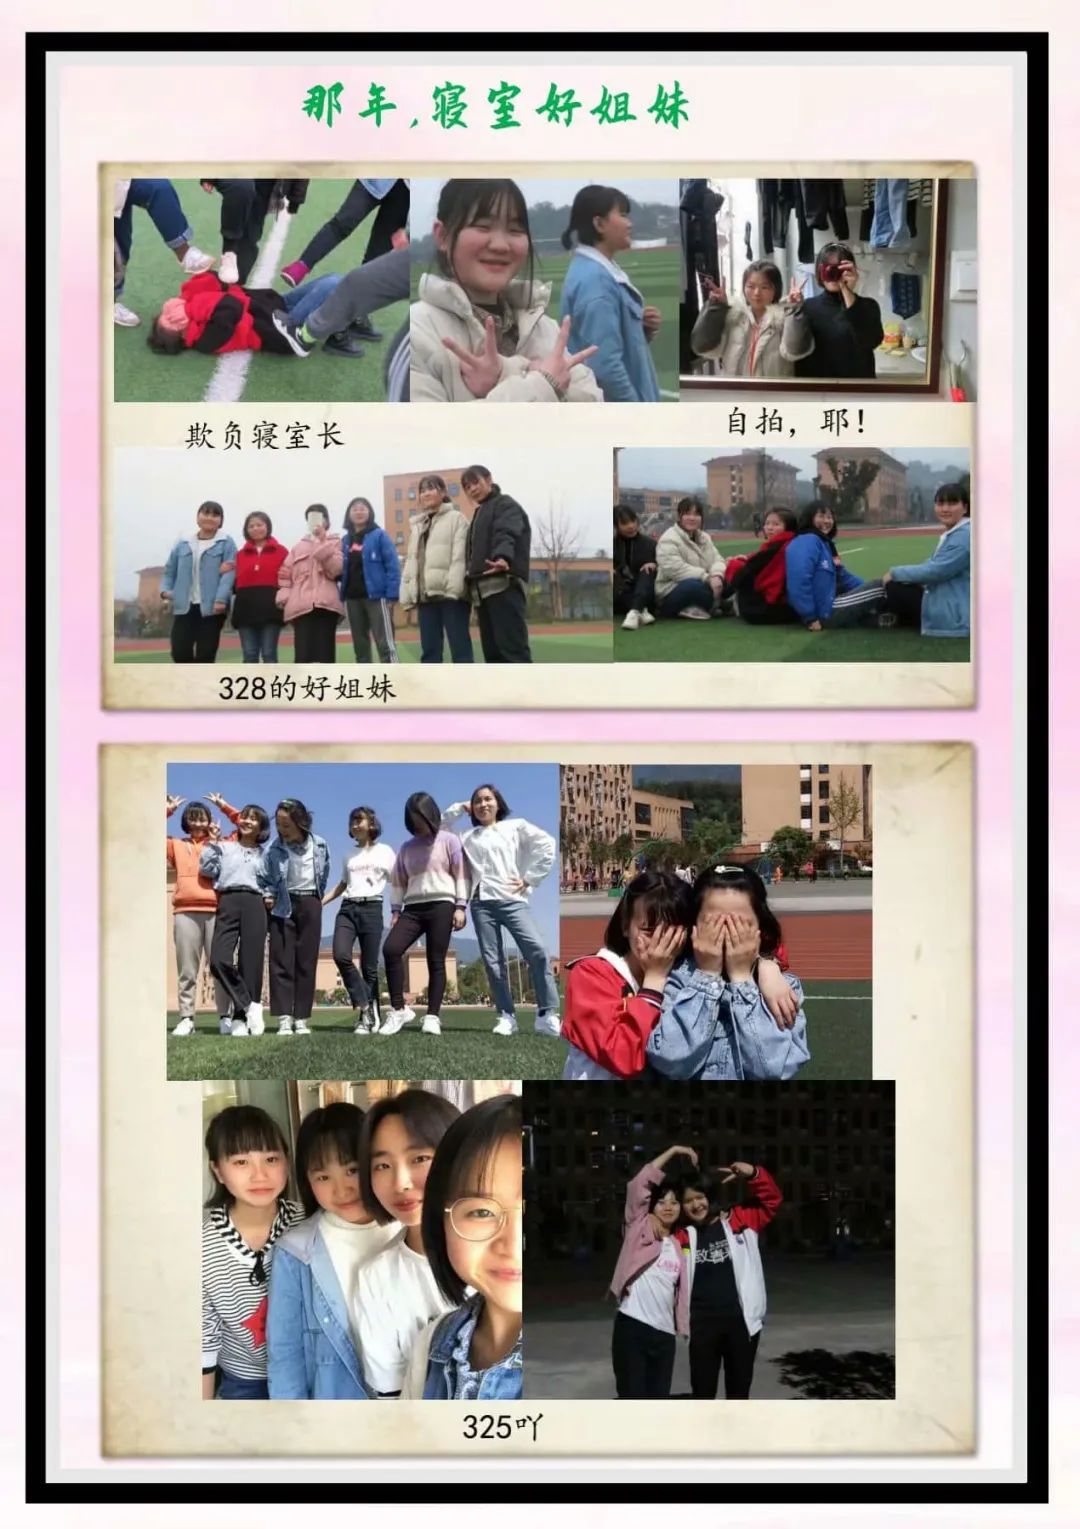 再见,云涛之家—叙永三中17级10班毕业纪念 叙永三中 第23张